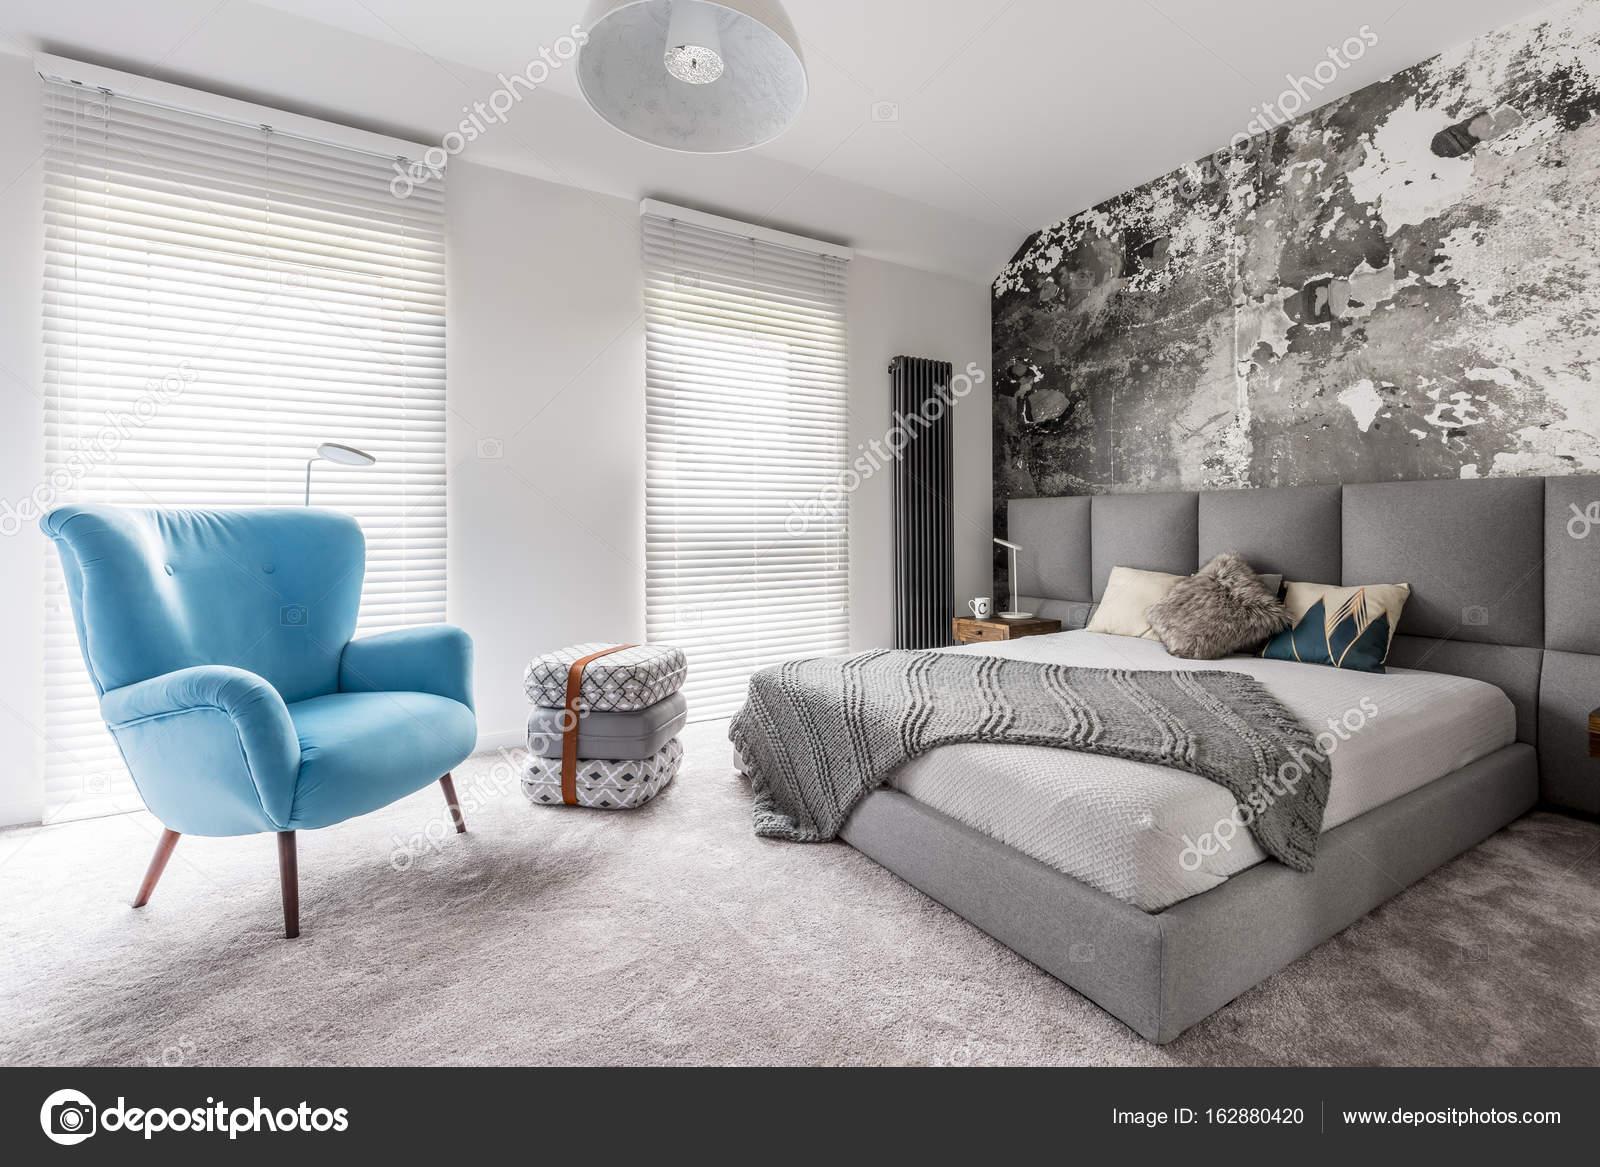 Sypialnia Z Rocznika Niebieski Fotel Zdjęcie Stockowe